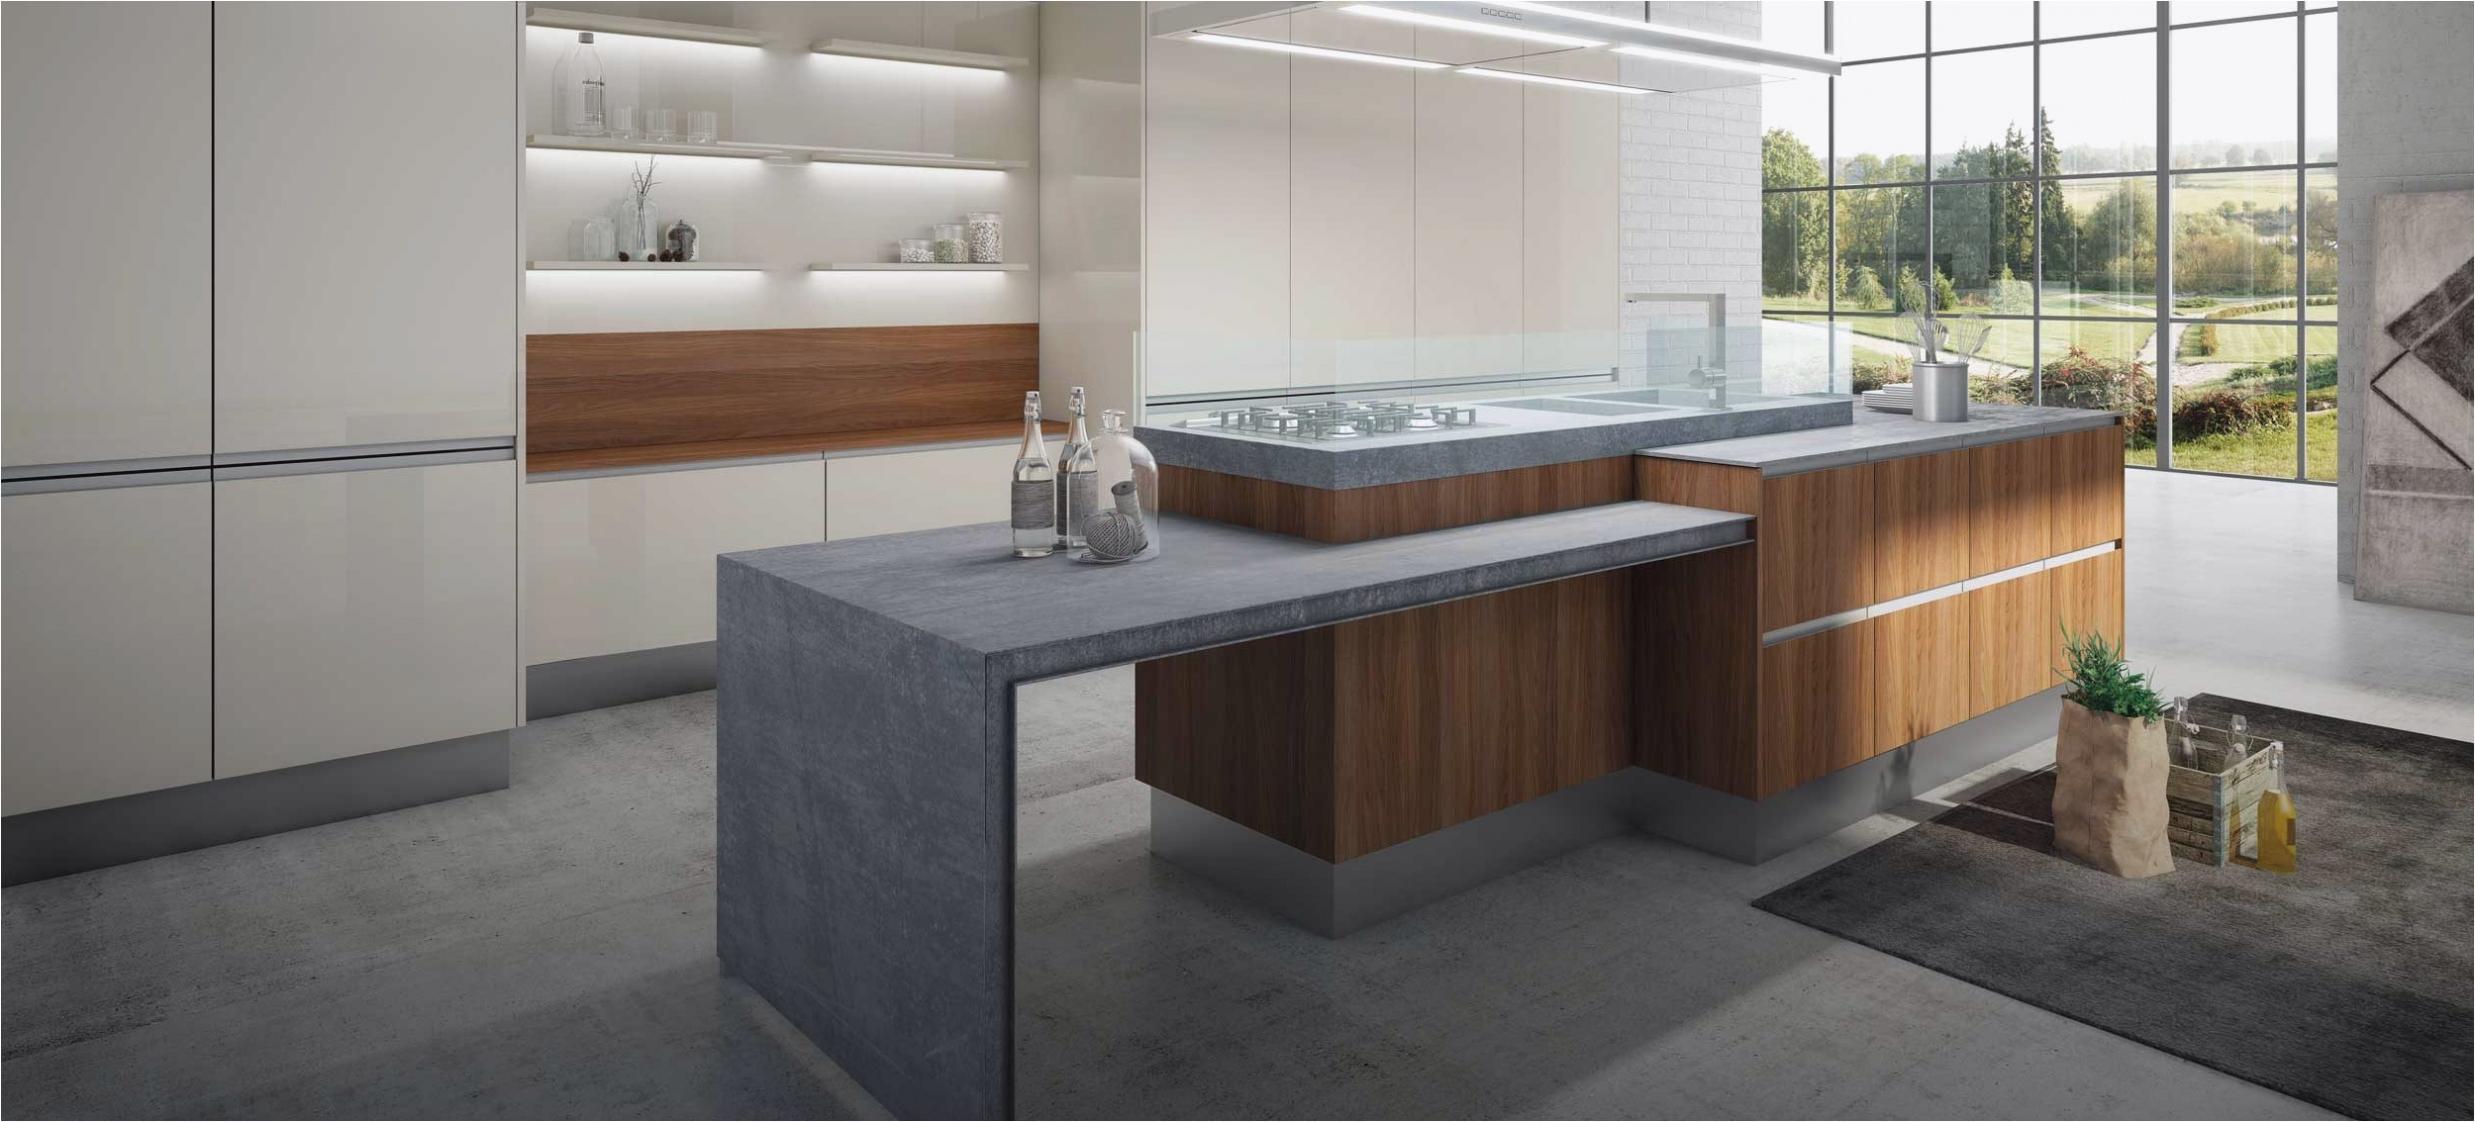 Muebles Baratos Murcia Liquidacion E9dx Muebles De Cocina En Murcia Bogotaeslacumbre Inicio Muebles